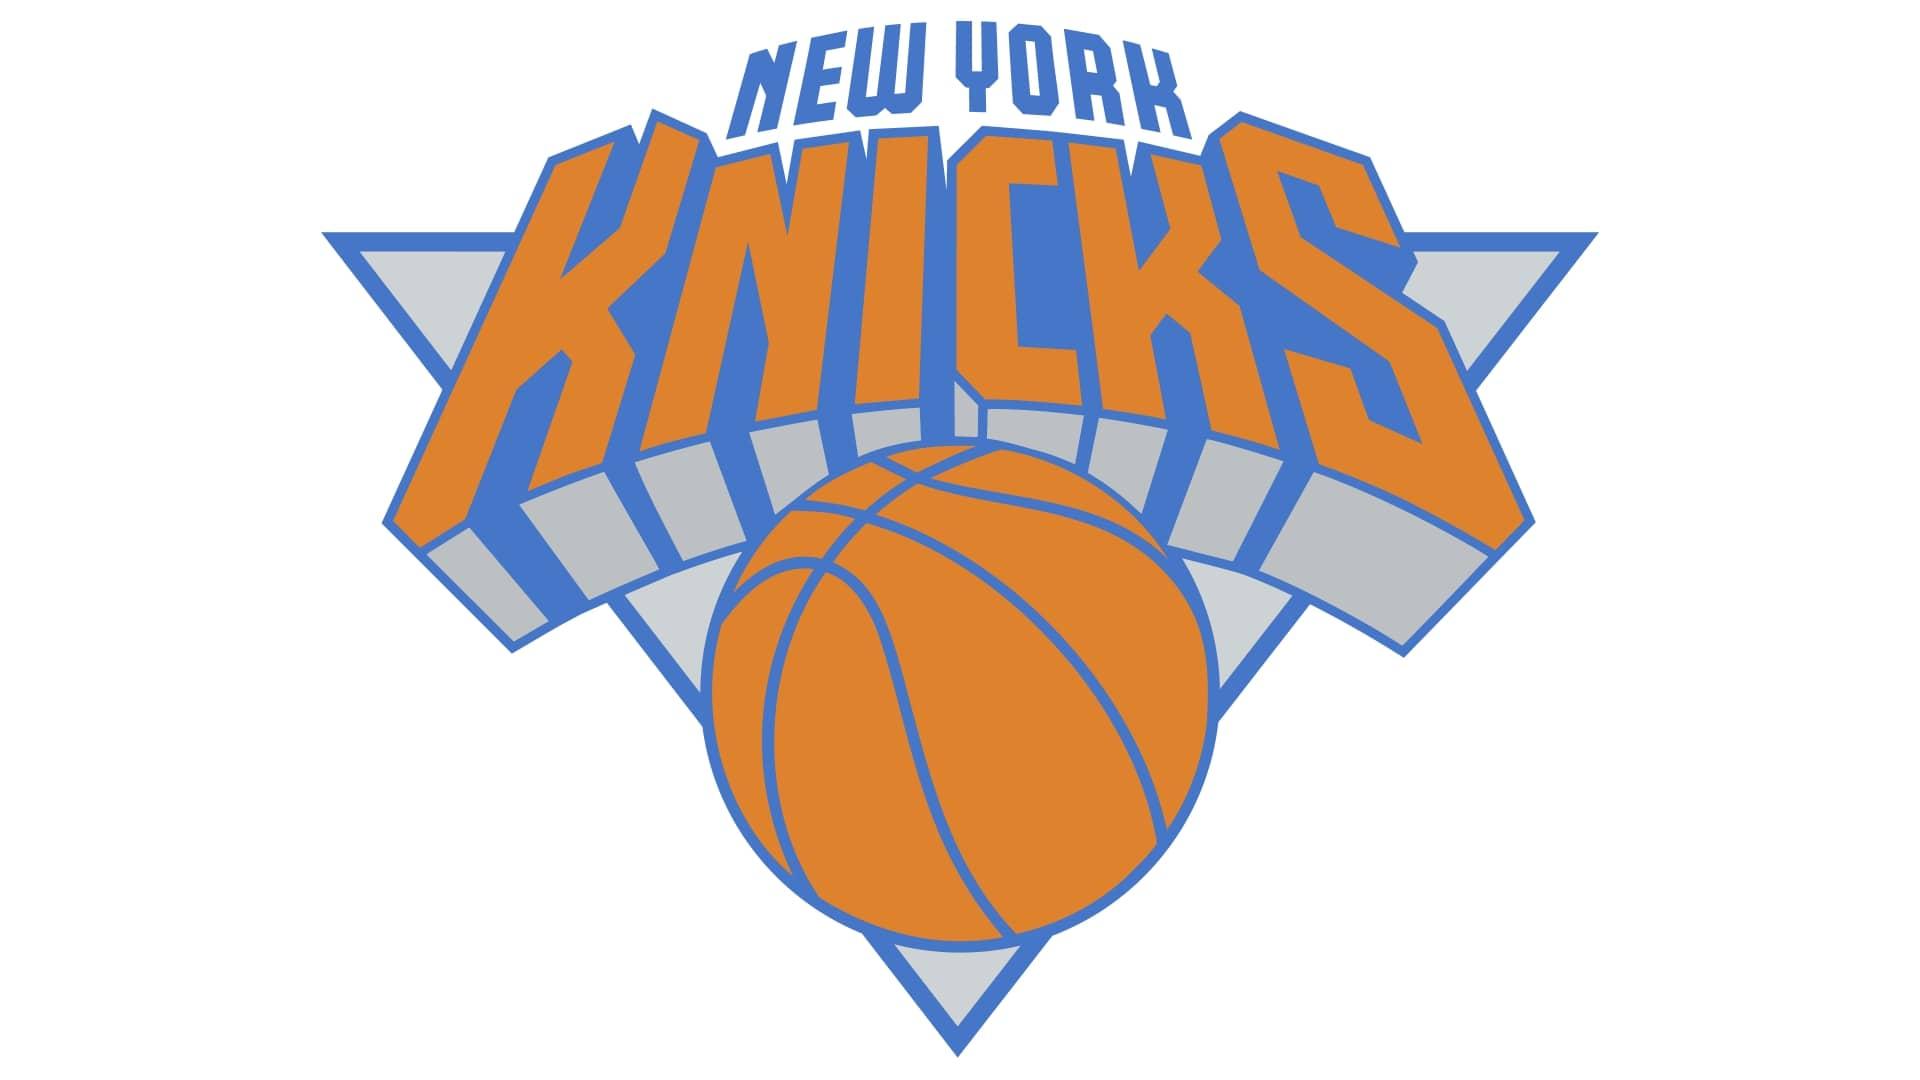 Modnyj rejting klubnyh emblem NBA 19. New York Knicks